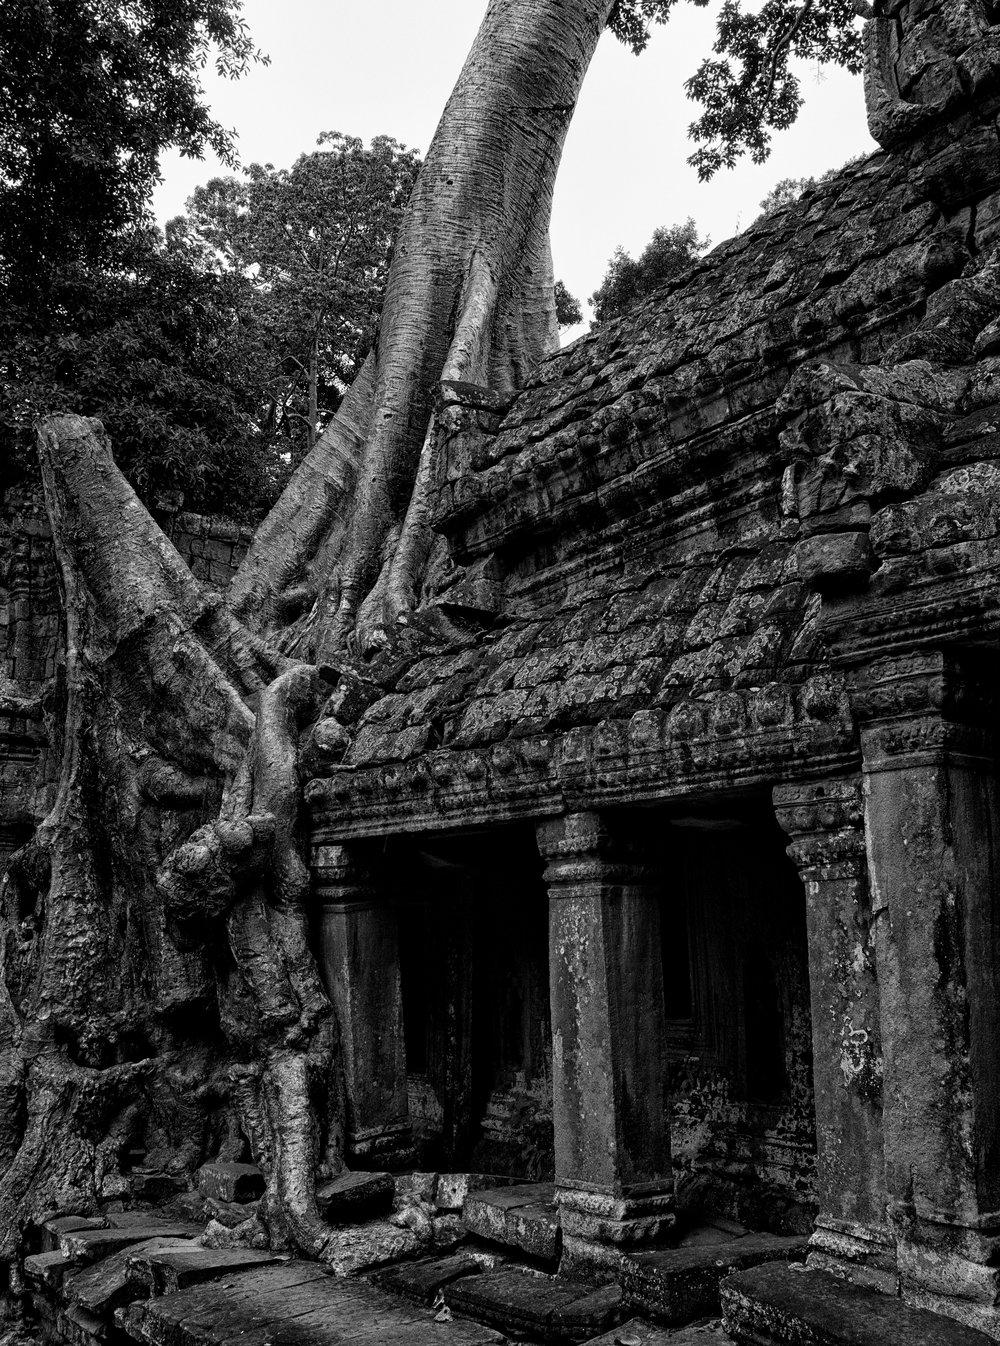 Musings by the Glass - Visual Musings - Tree Overgrown Angkor Wat